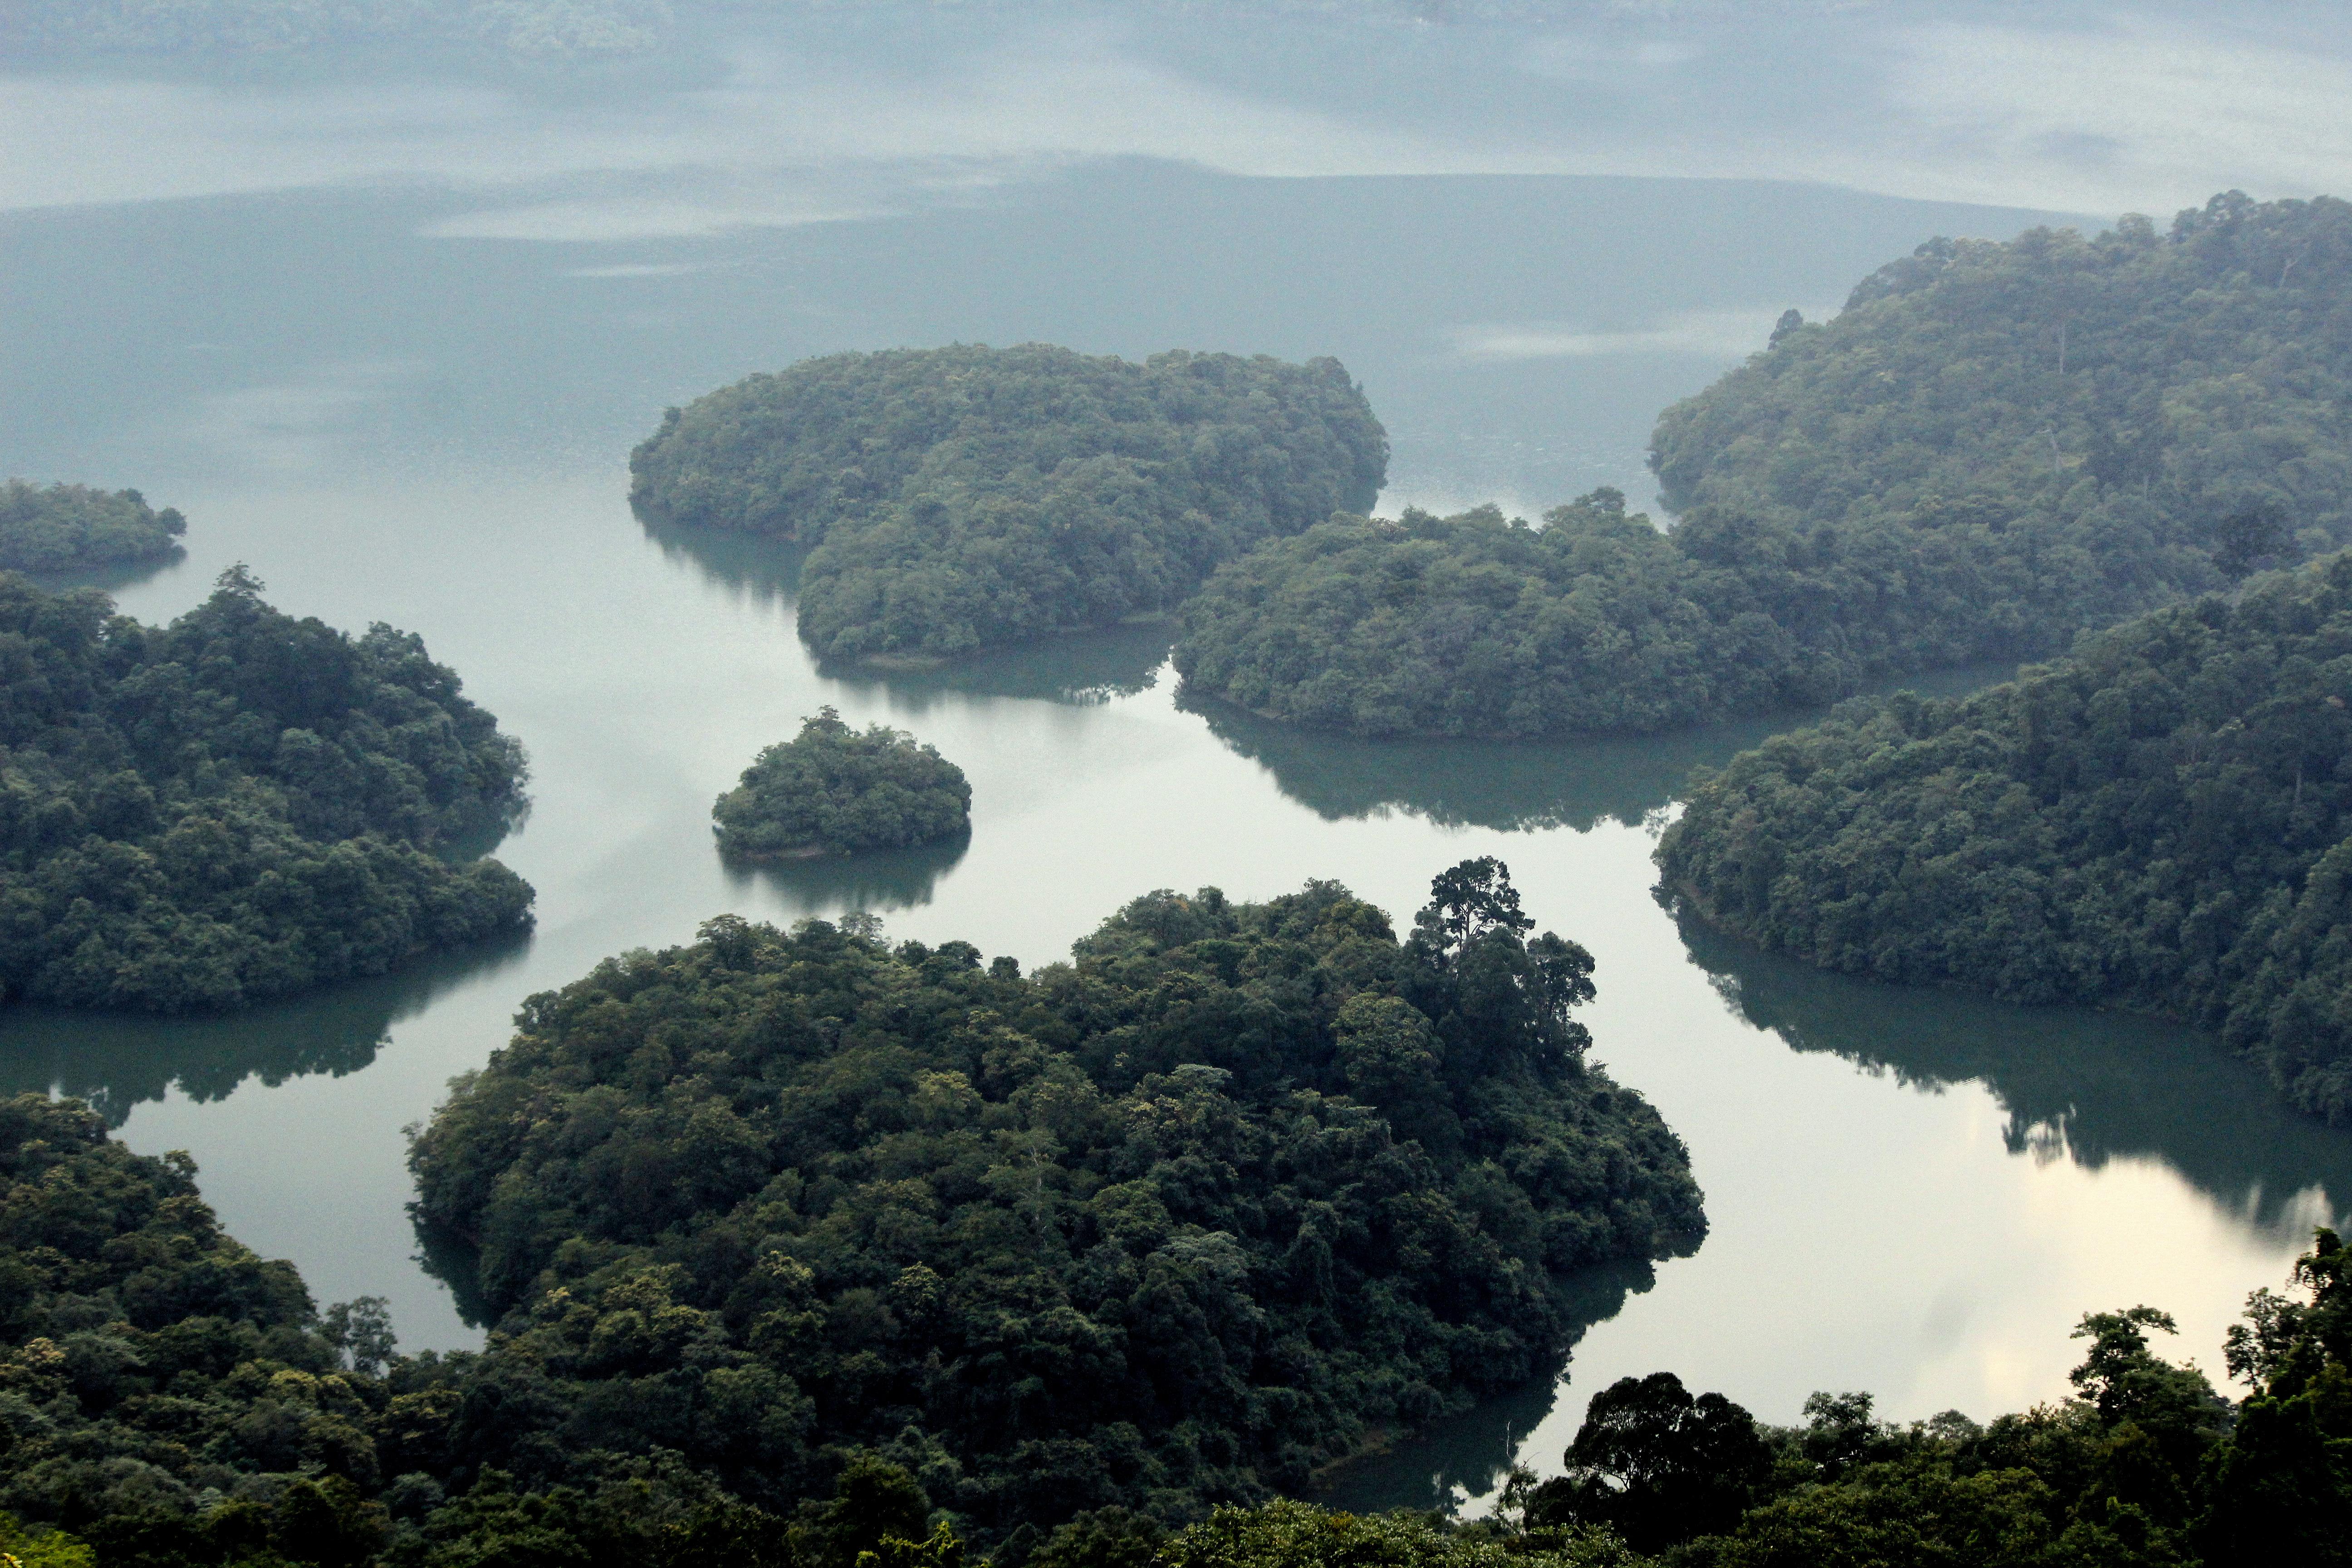 Thenmala_reservoir